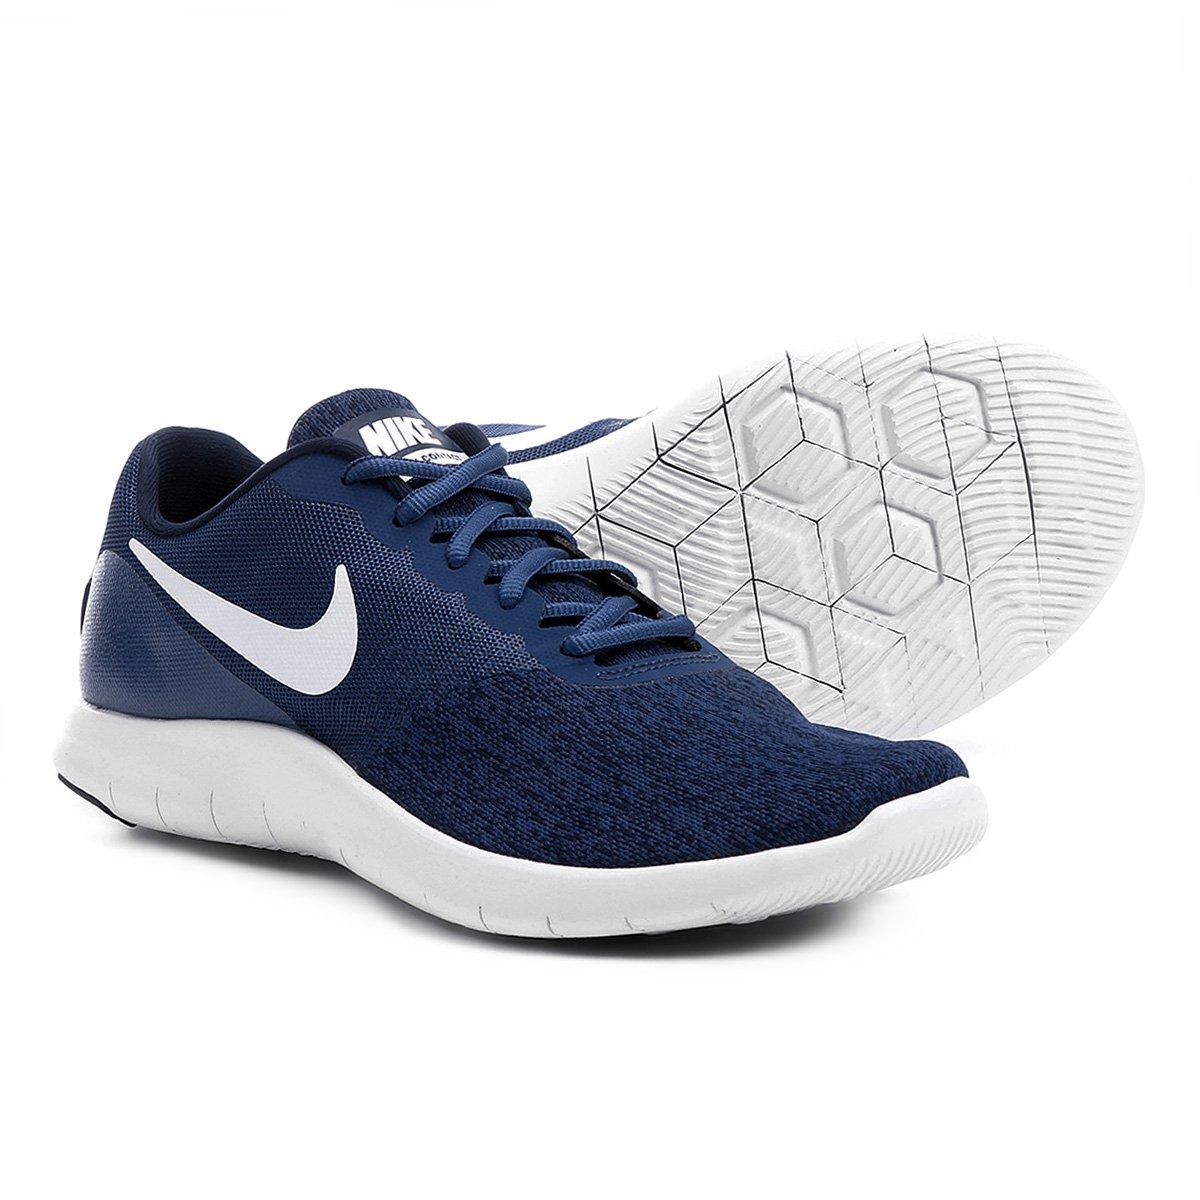 185a0687b9802 Tênis Nike Flex Contact Masculino - Marinho e Branco - Compre Agora ...